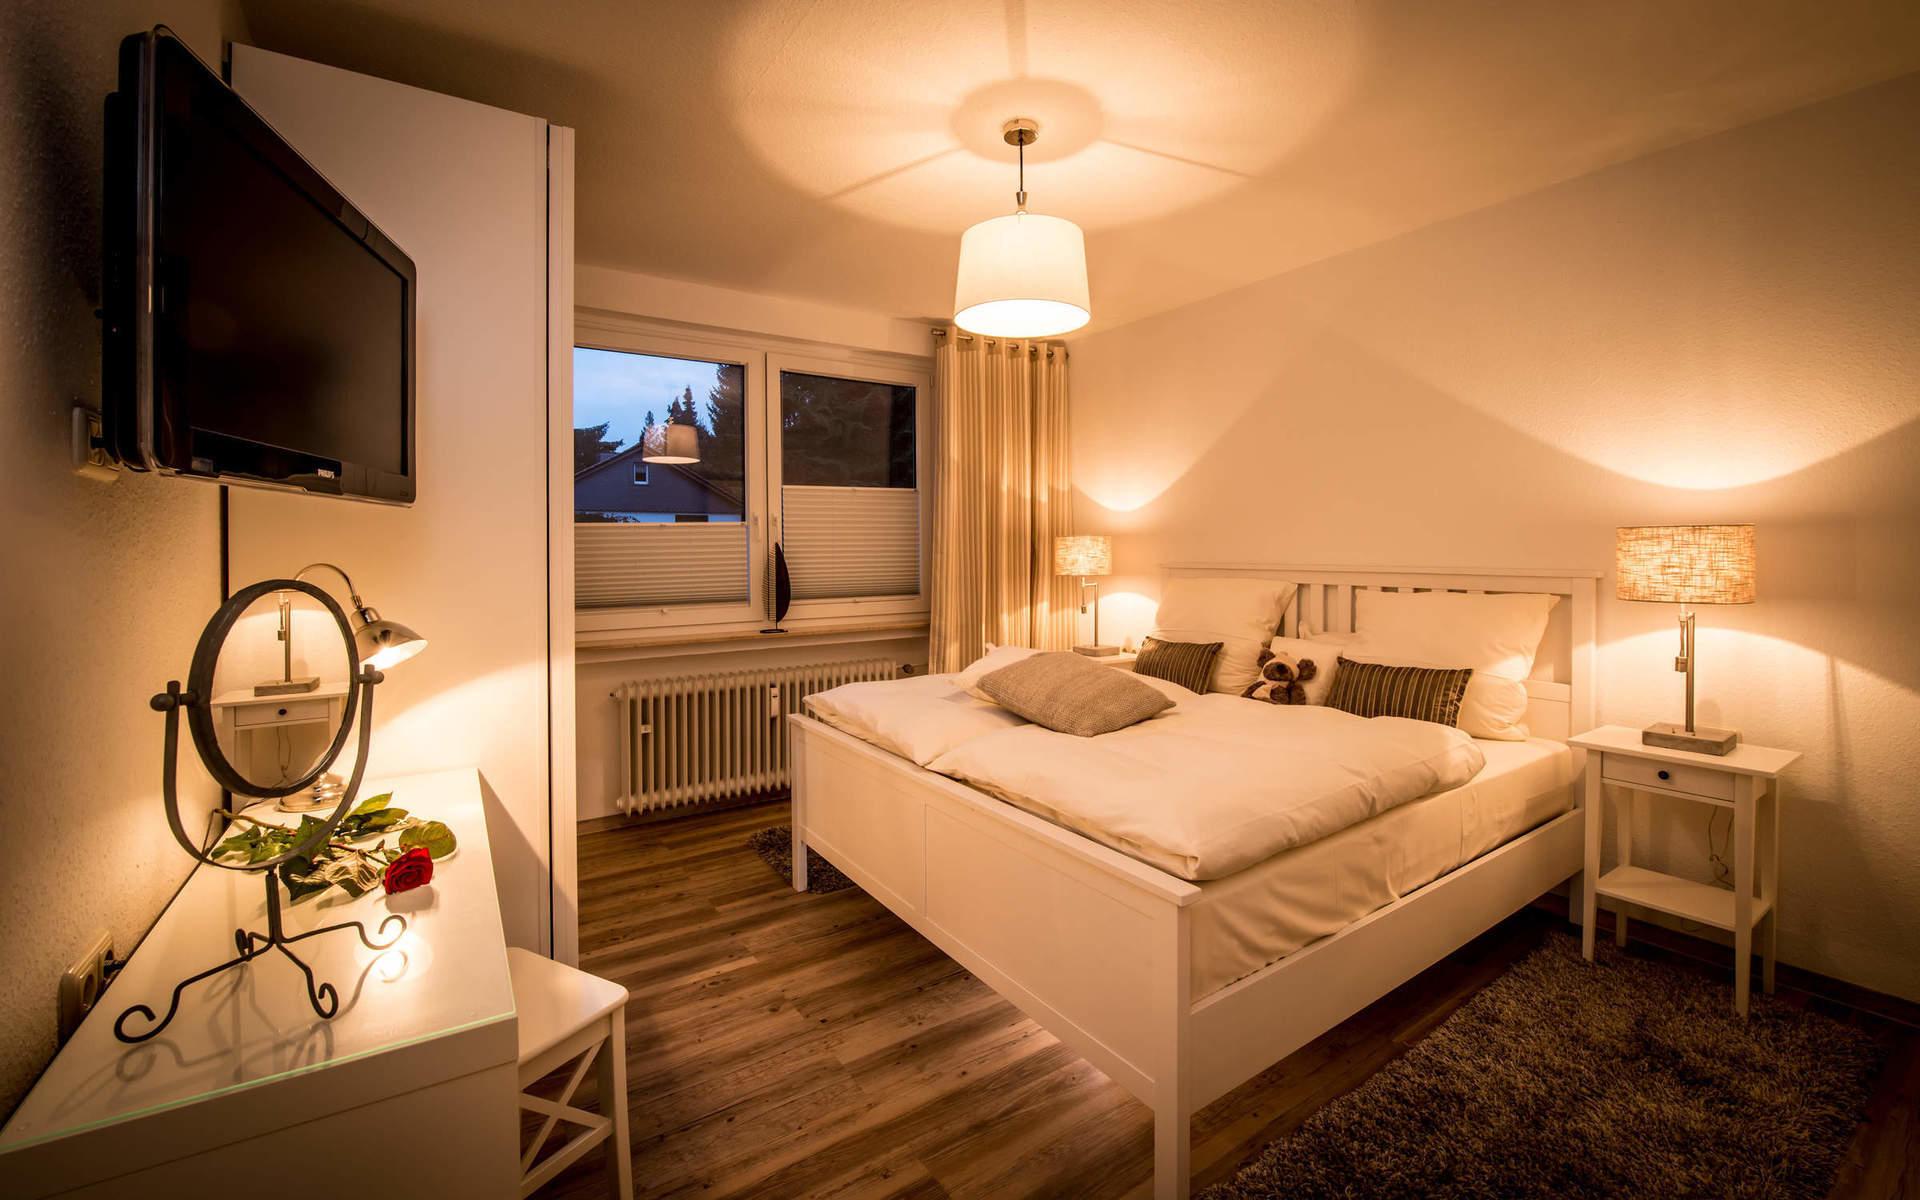 familienurlaub harz ferienwohnungen appartements bad. Black Bedroom Furniture Sets. Home Design Ideas